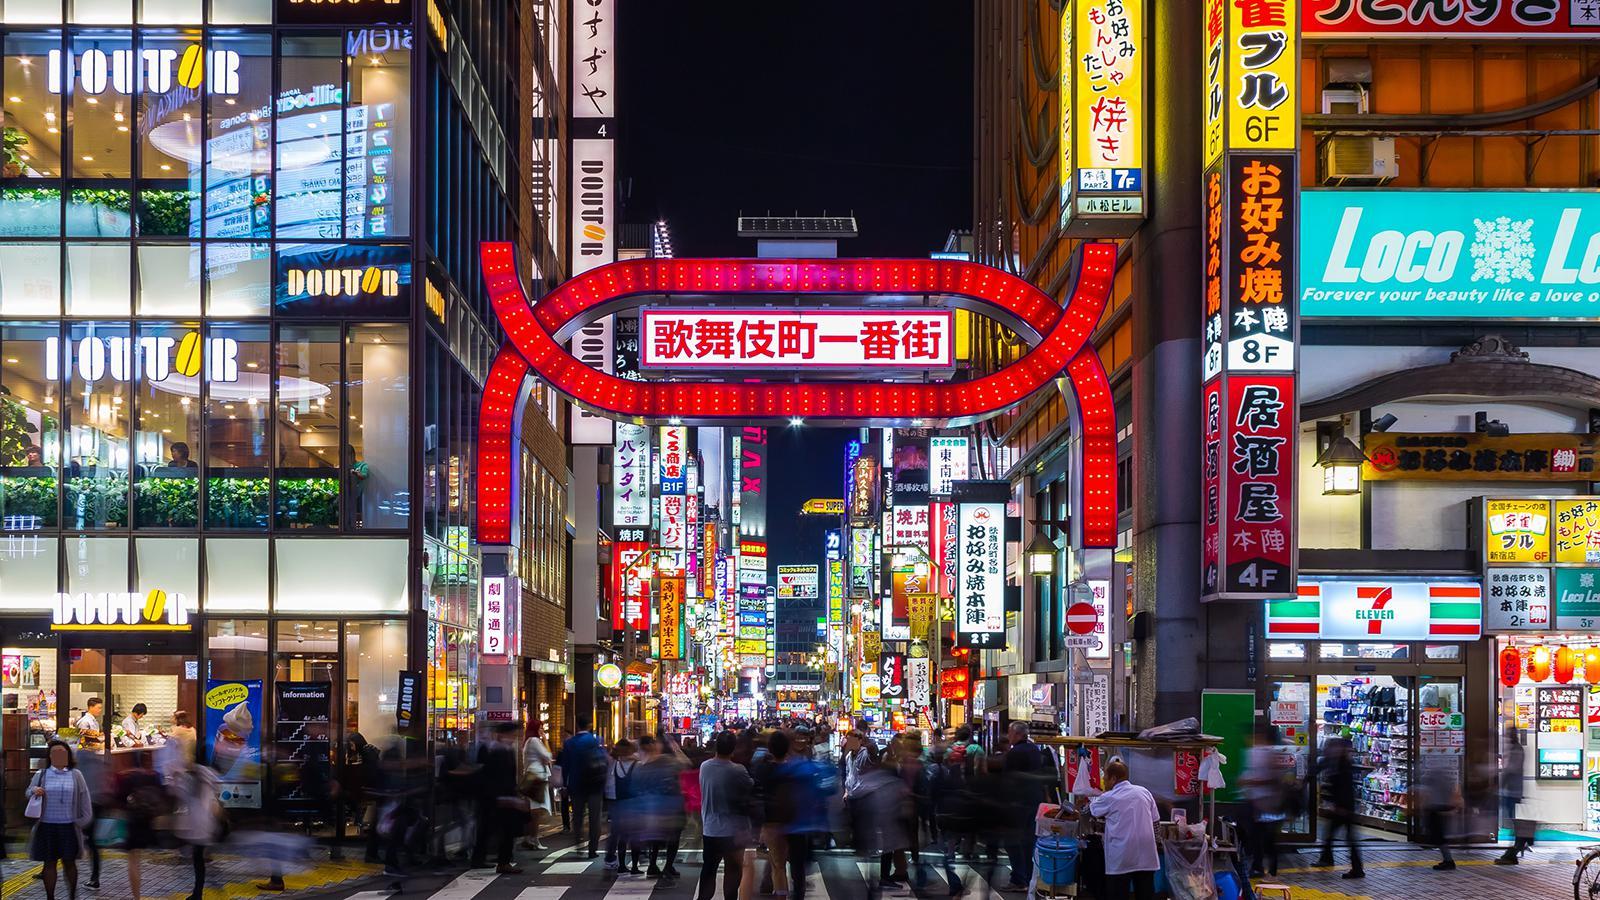 我开着日本山口组的座驾,去了趟亚洲最大的红灯区!